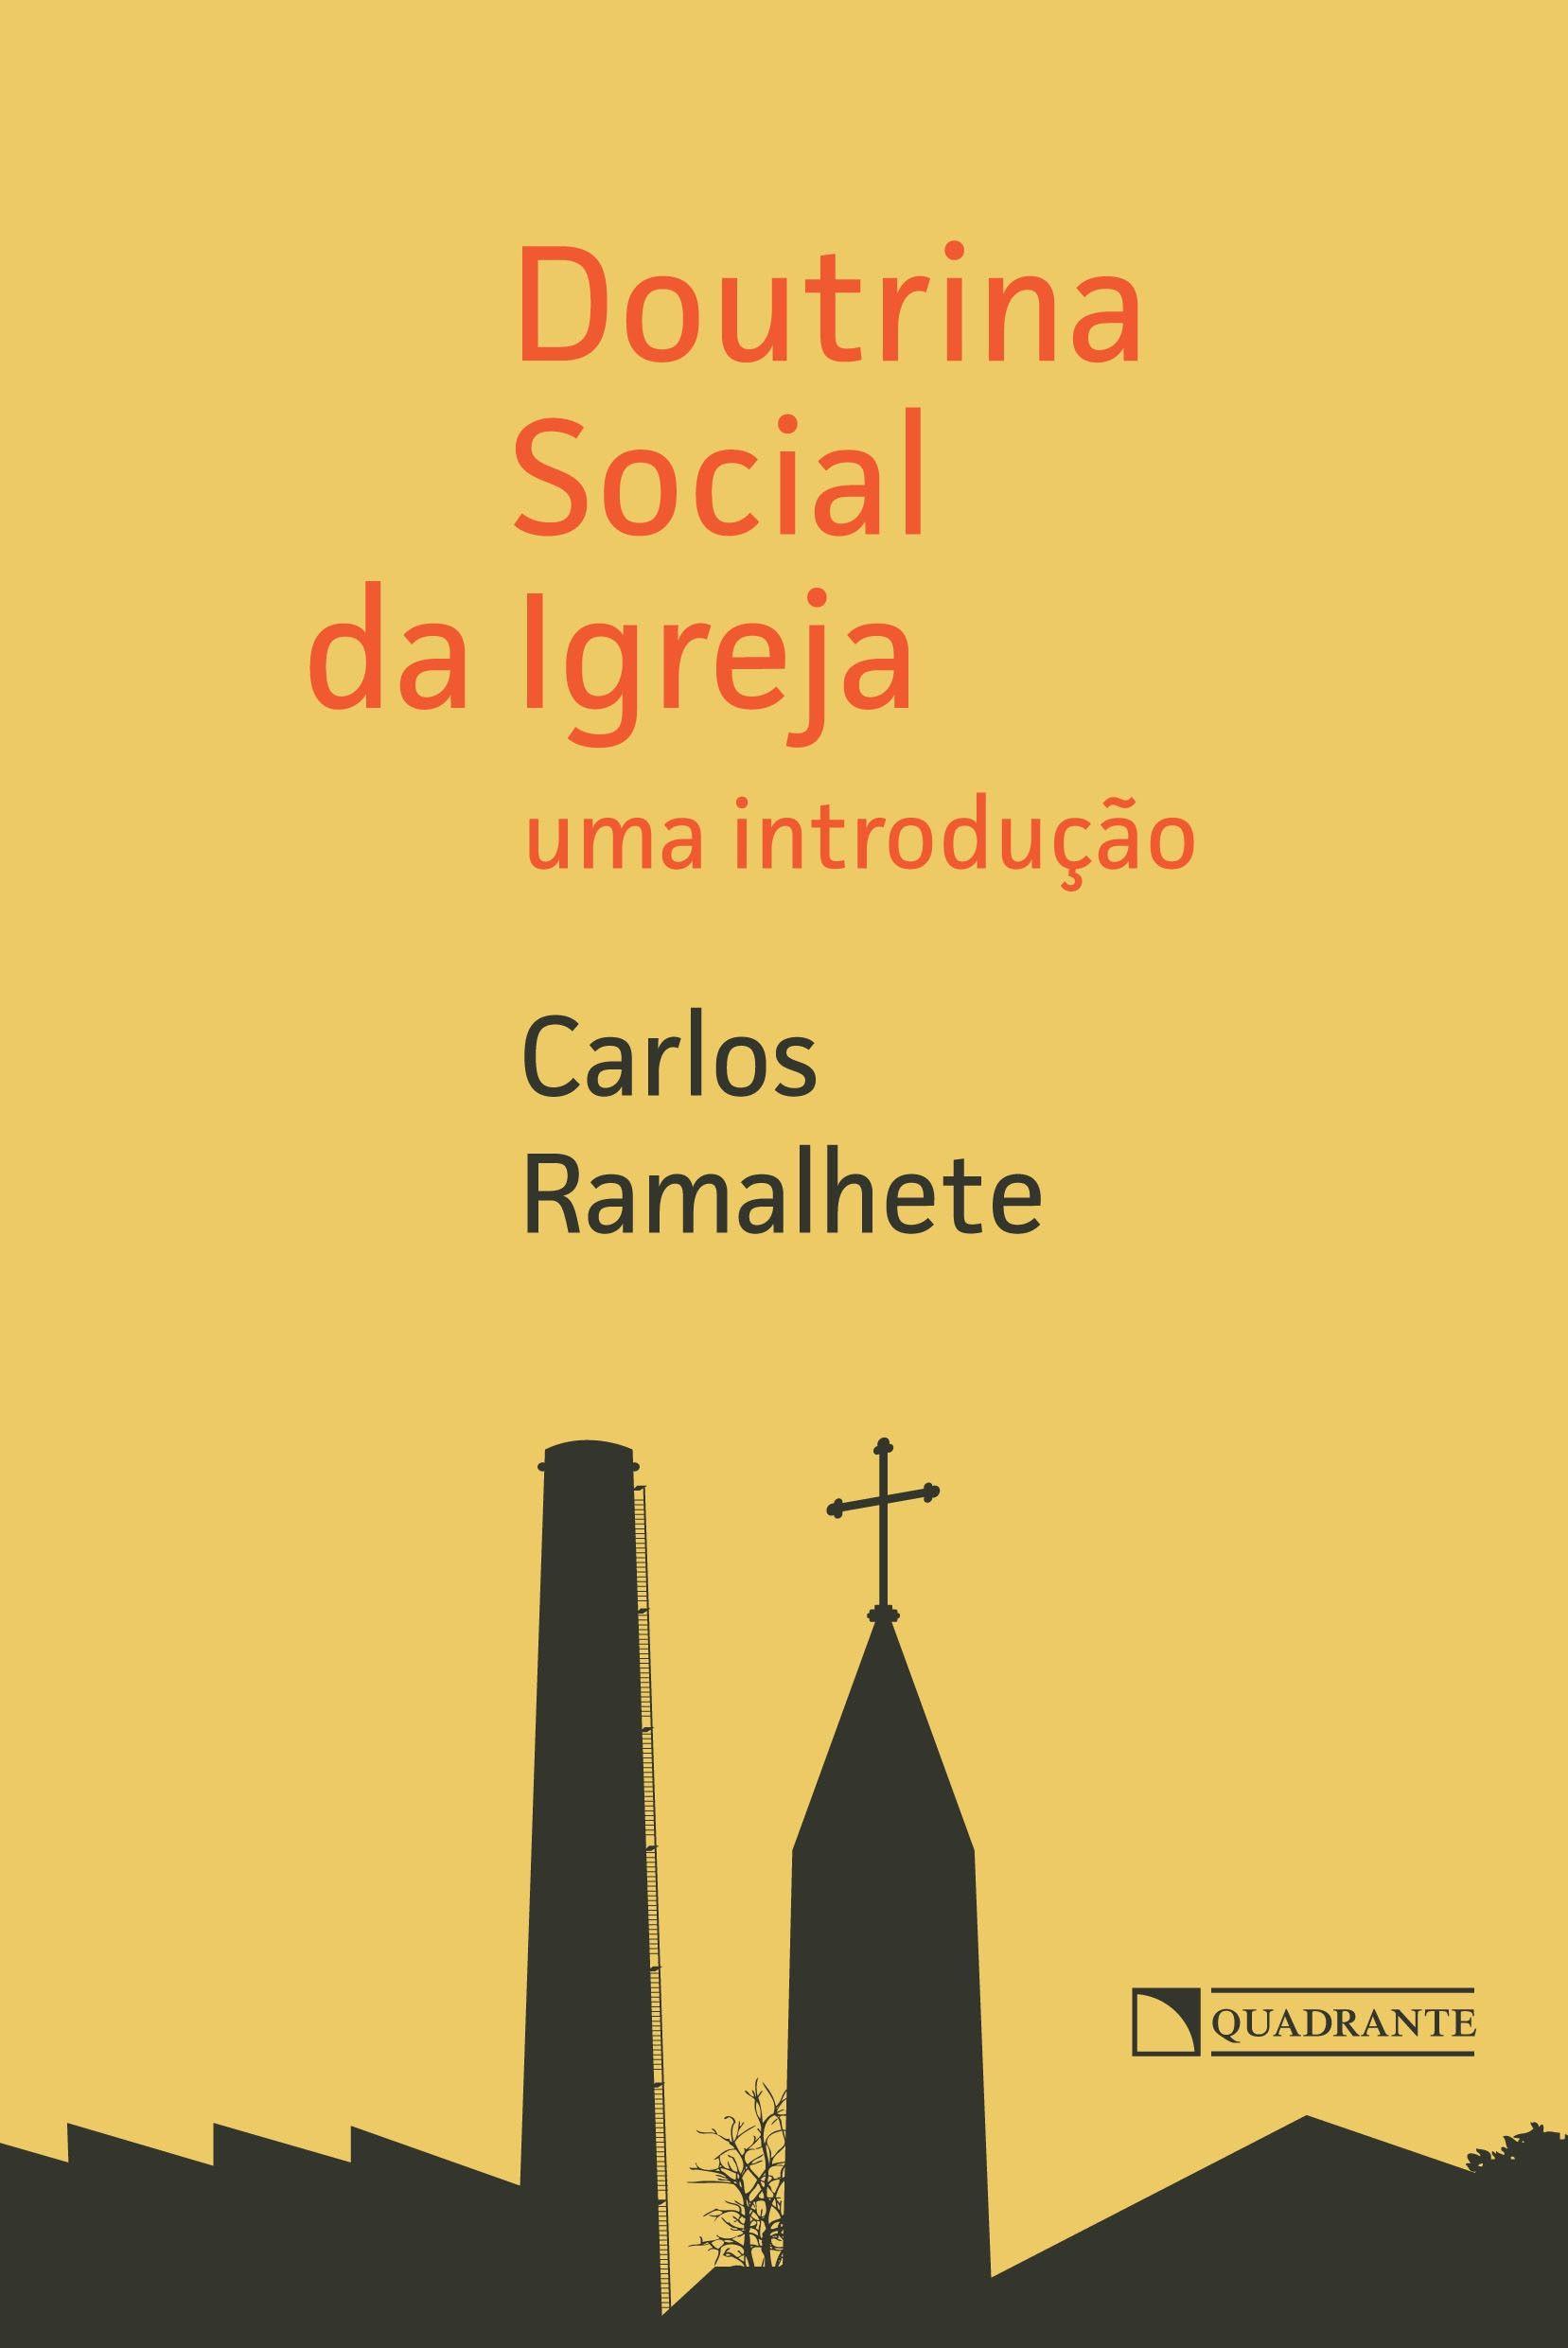 Livro Doutrina social da Igreja - uma introdução